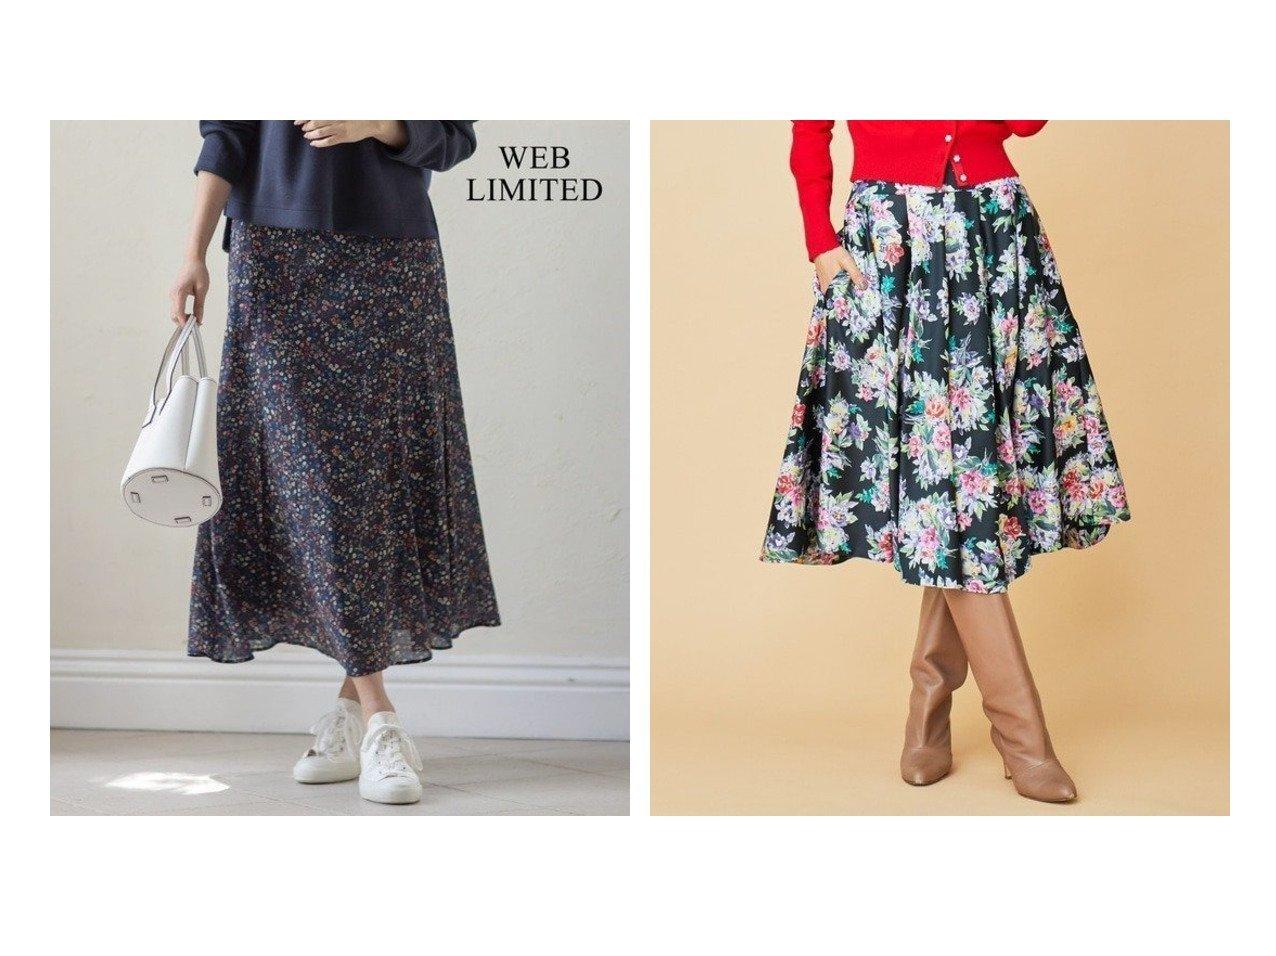 【KUMIKYOKU/組曲】の【洗える】LIBERTY マーメイド スカート&【Rythme KUMIKYOKU】クリスマスローズ プリントサテン フレアスカート スカートのおすすめ!人気、トレンド・レディースファッションの通販 おすすめで人気の流行・トレンド、ファッションの通販商品 メンズファッション・キッズファッション・インテリア・家具・レディースファッション・服の通販 founy(ファニー) https://founy.com/ ファッション Fashion レディースファッション WOMEN スカート Skirt Aライン/フレアスカート Flared A-Line Skirts カーディガン コレクション サテン フラワー フレア プリント モチーフ ローズ 冬 Winter 2021年 2021 S/S 春夏 SS Spring/Summer 2021 春夏 S/S SS Spring/Summer 2021 送料無料 Free Shipping |ID:crp329100000011743